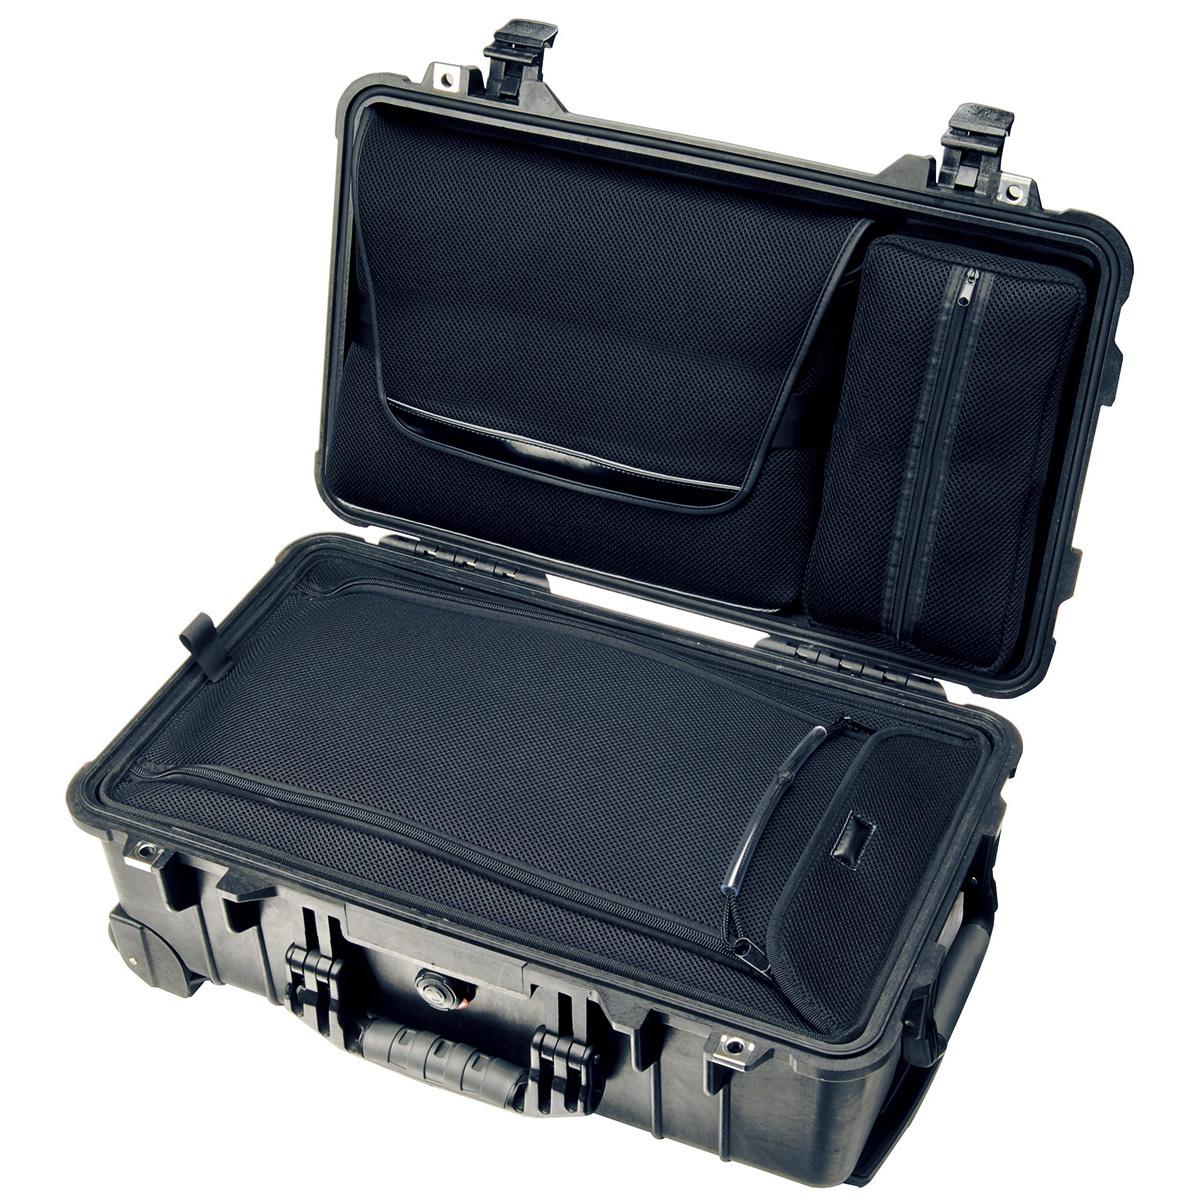 Peli Case 1510 Zwart-Met laptop en overnachtingsindeling